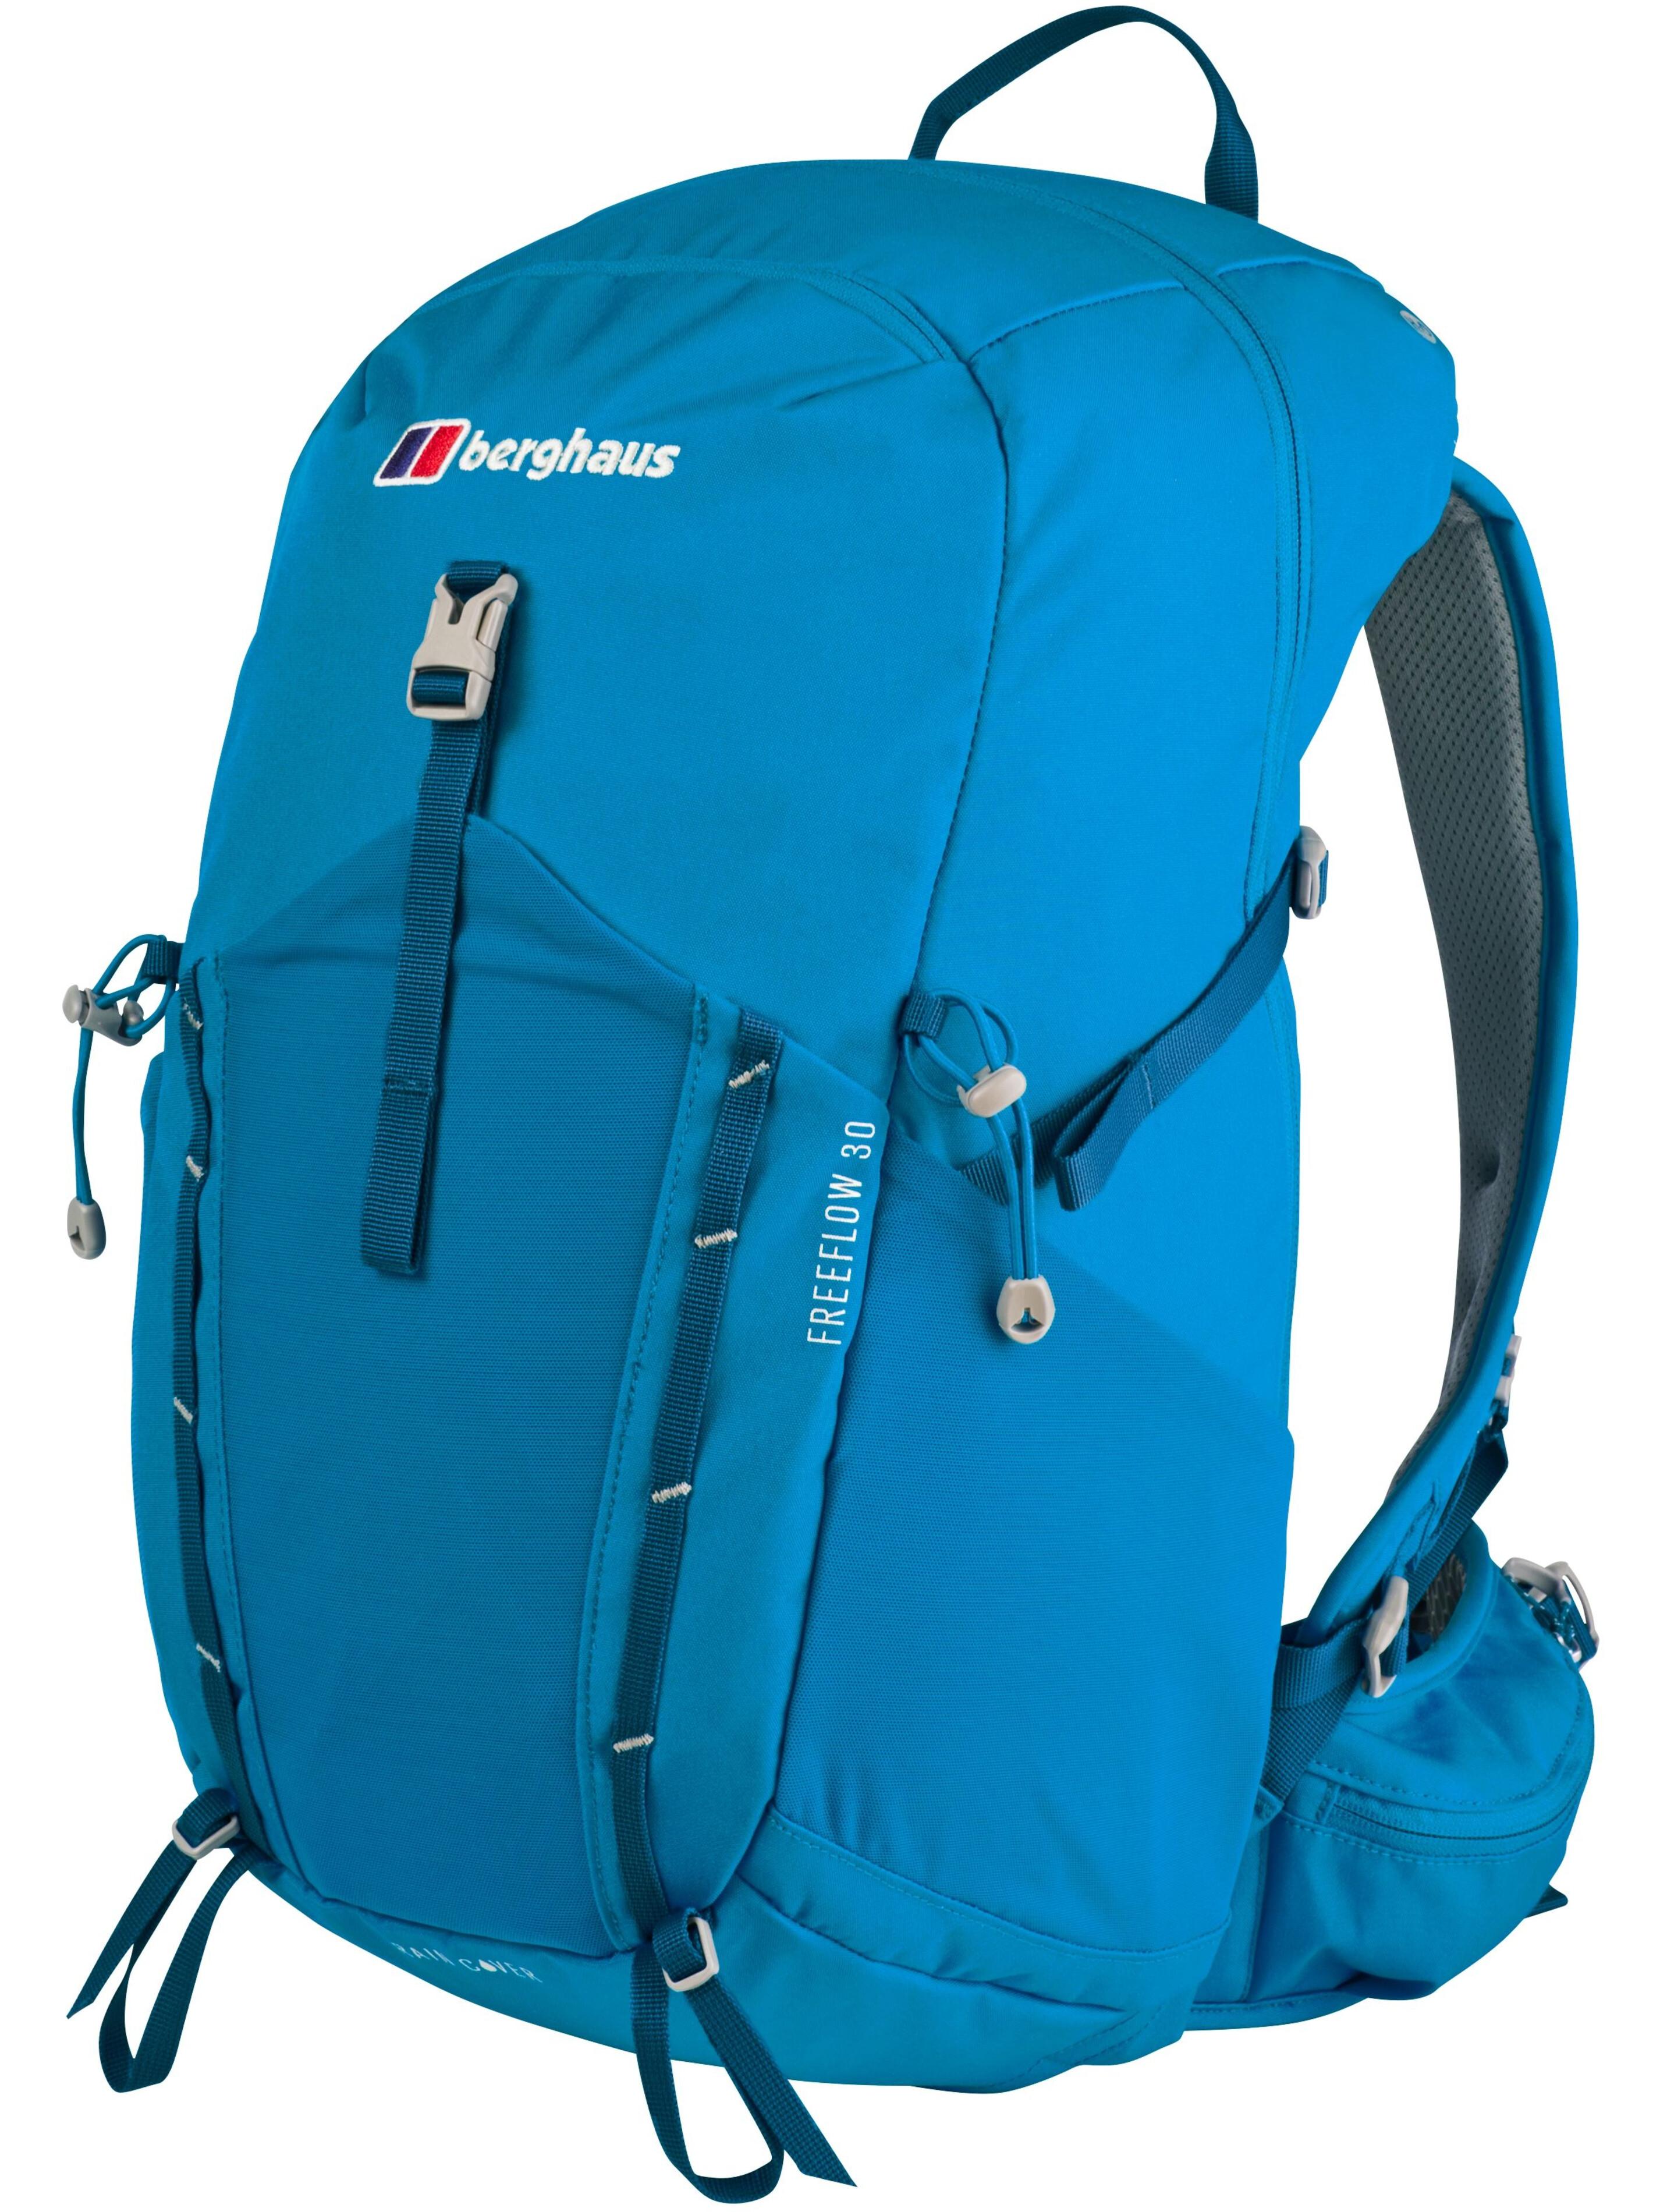 3a9ee2b216e Berghaus Freeflow 30 rugzak blauw l Online outdoor shop Campz.nl